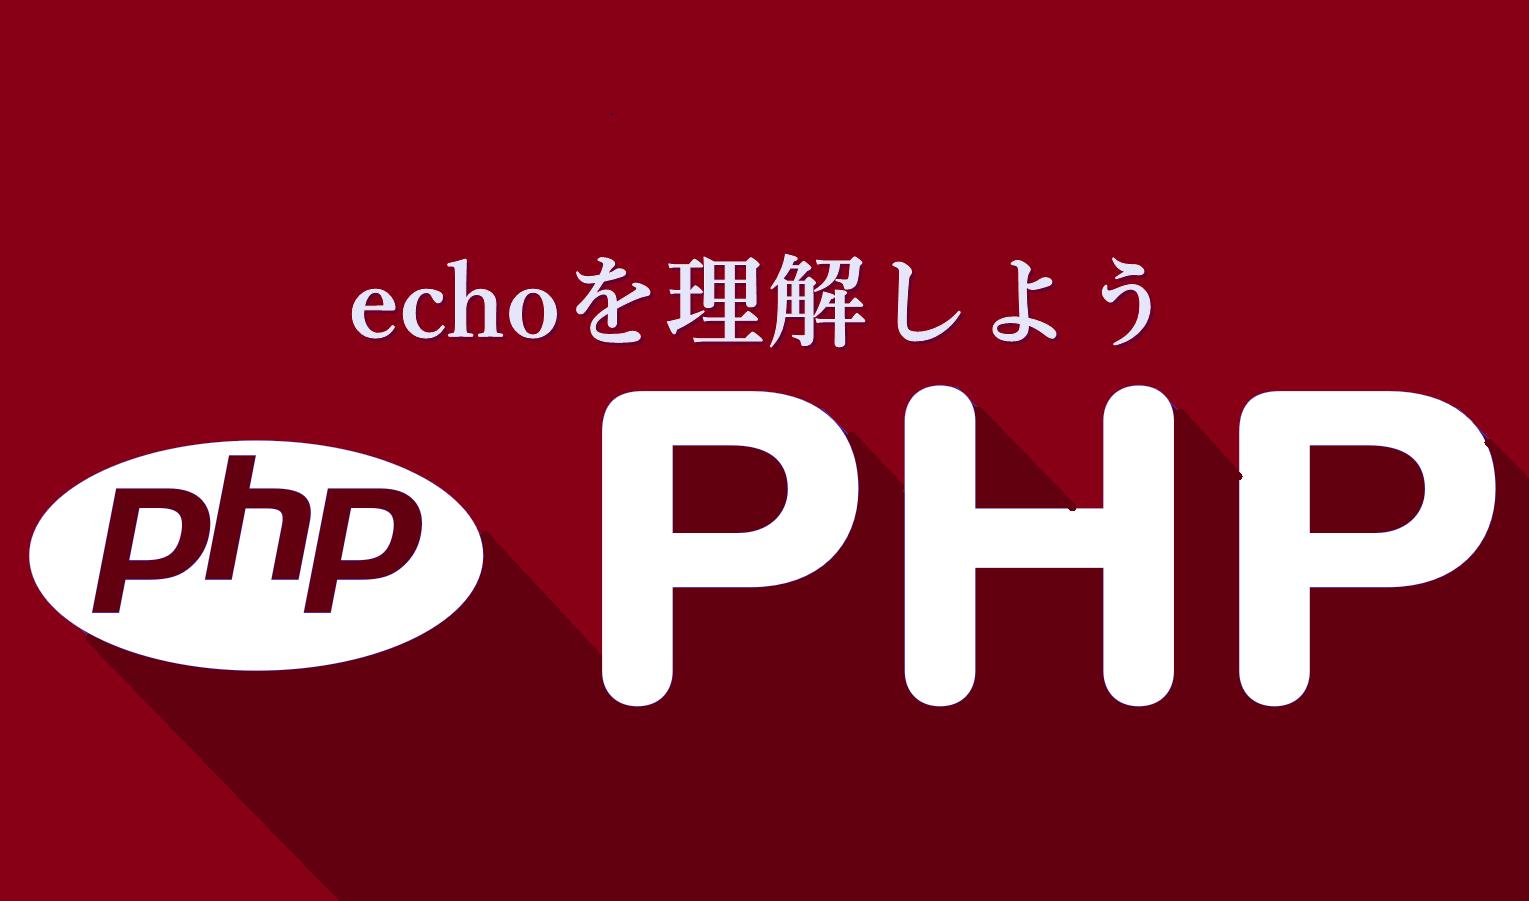 【PHPマニュアル】echoの説明と使い方